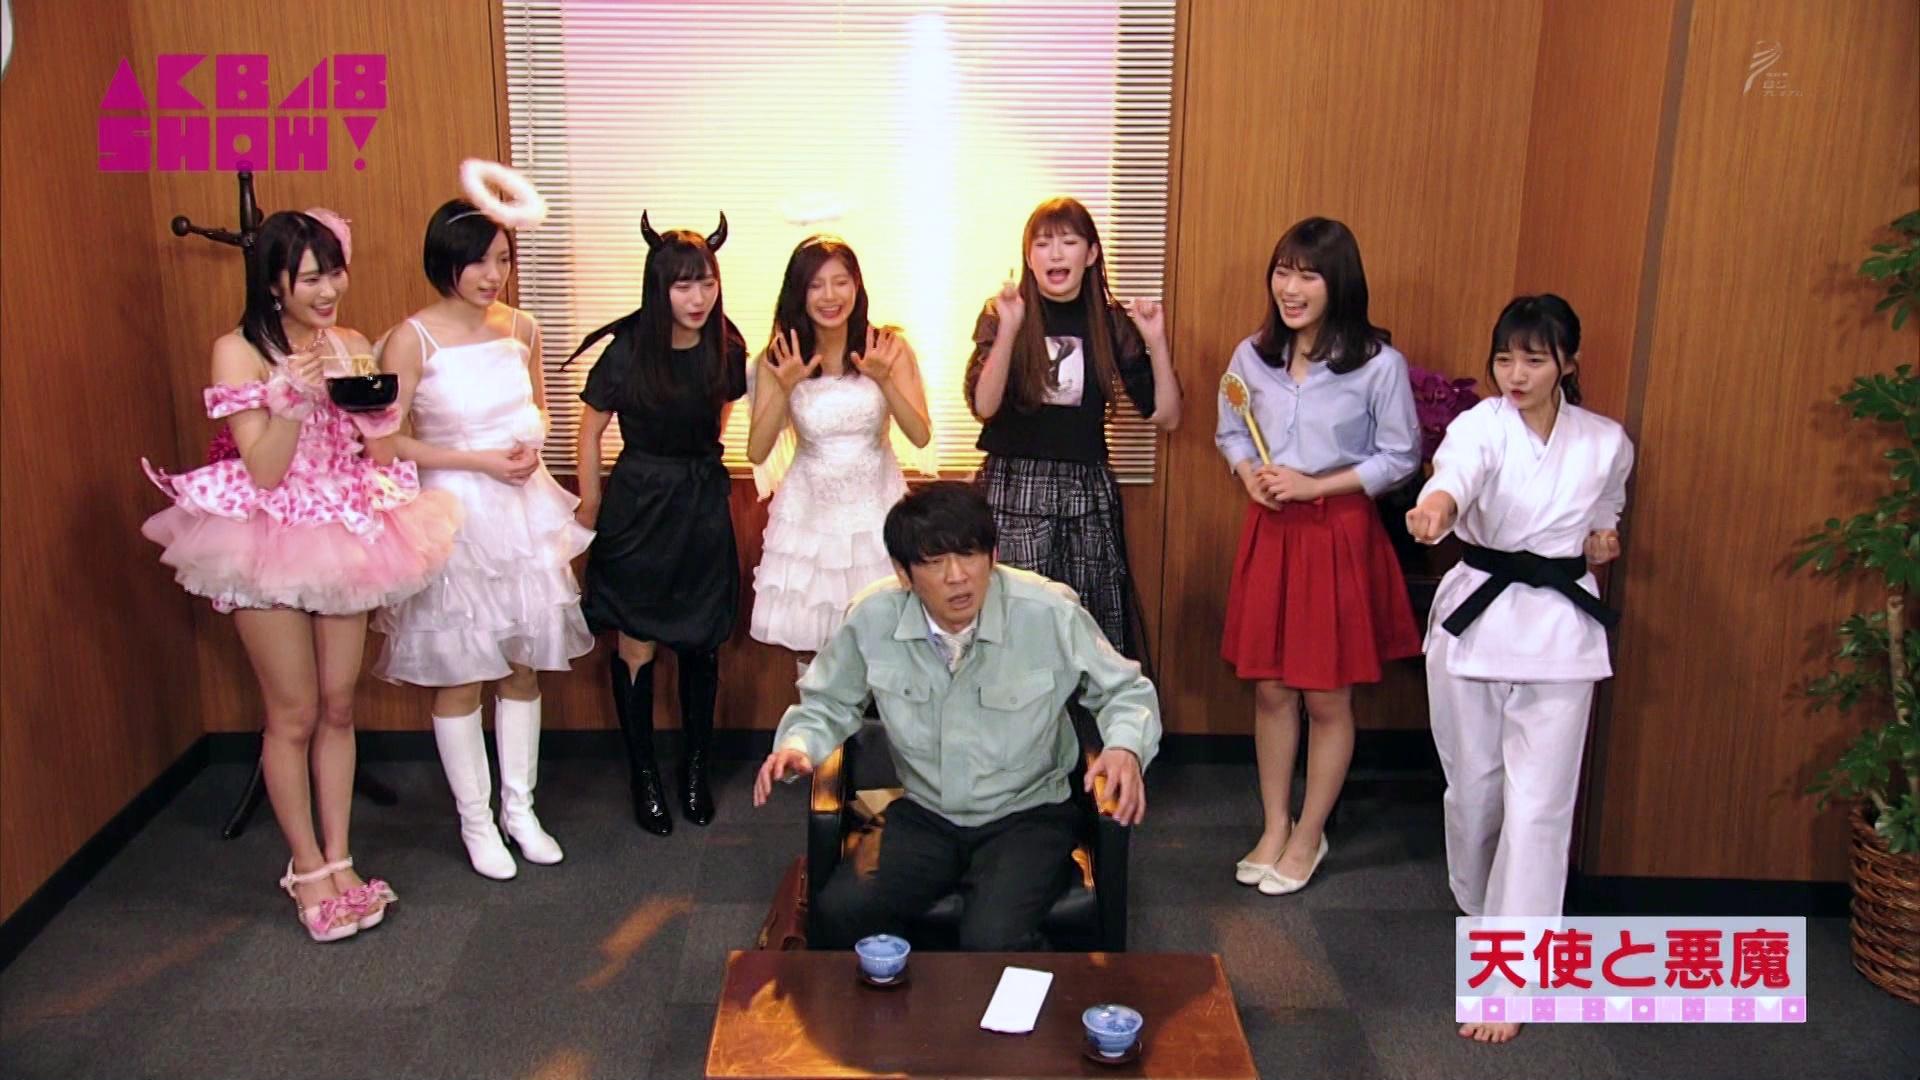 【NMB48】AKB48SHOW♯214キャプ画像。「ピンク色の世界」フルver.披露とコント「天使と悪魔」など。